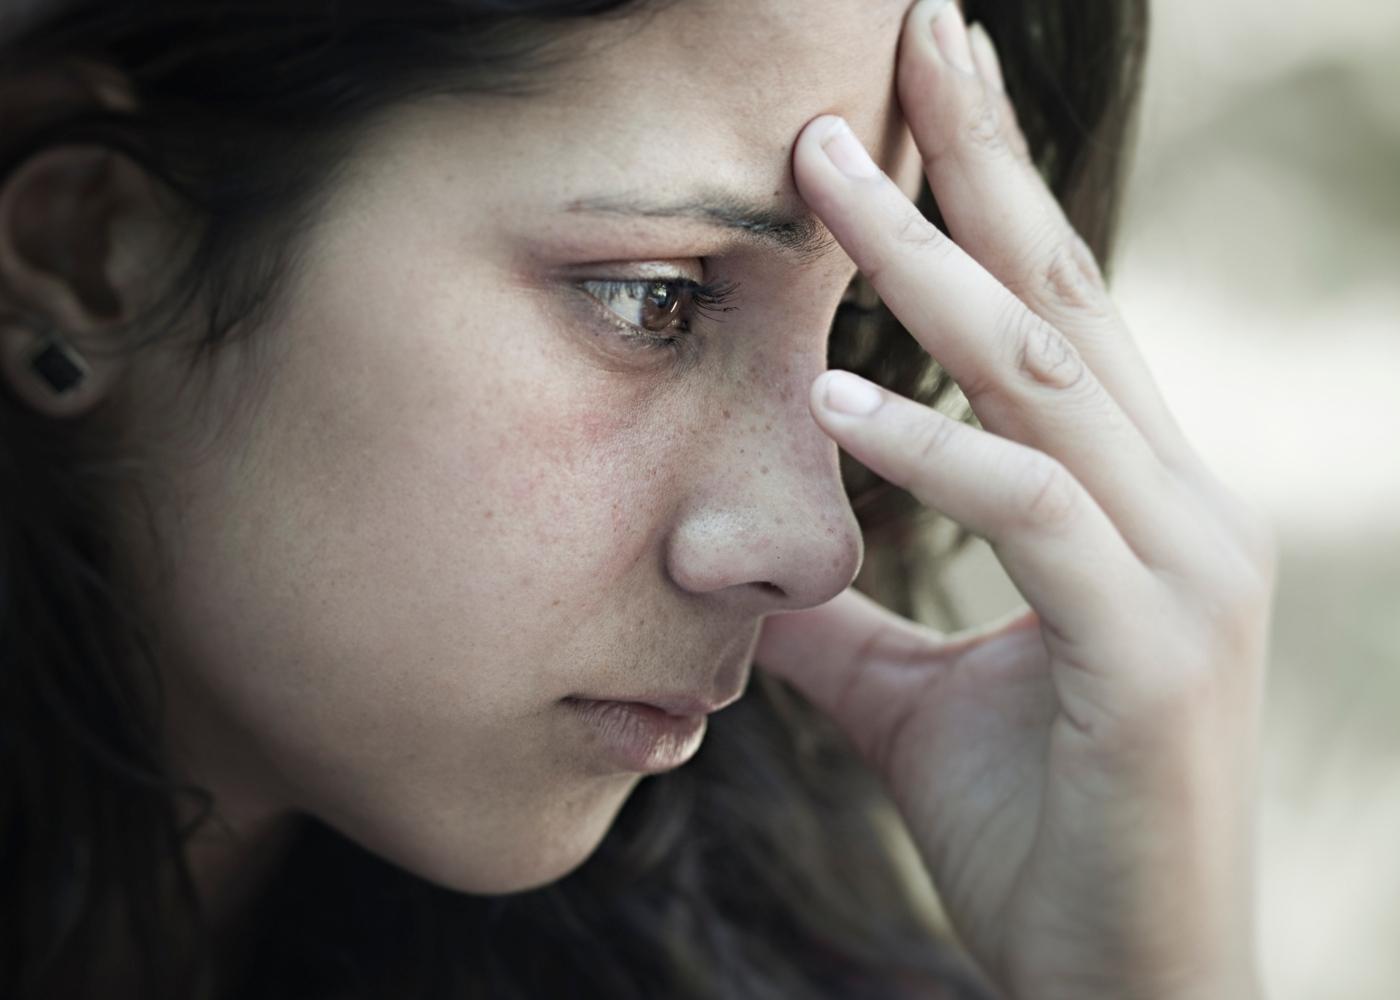 Mulher com síndrome de Tourette